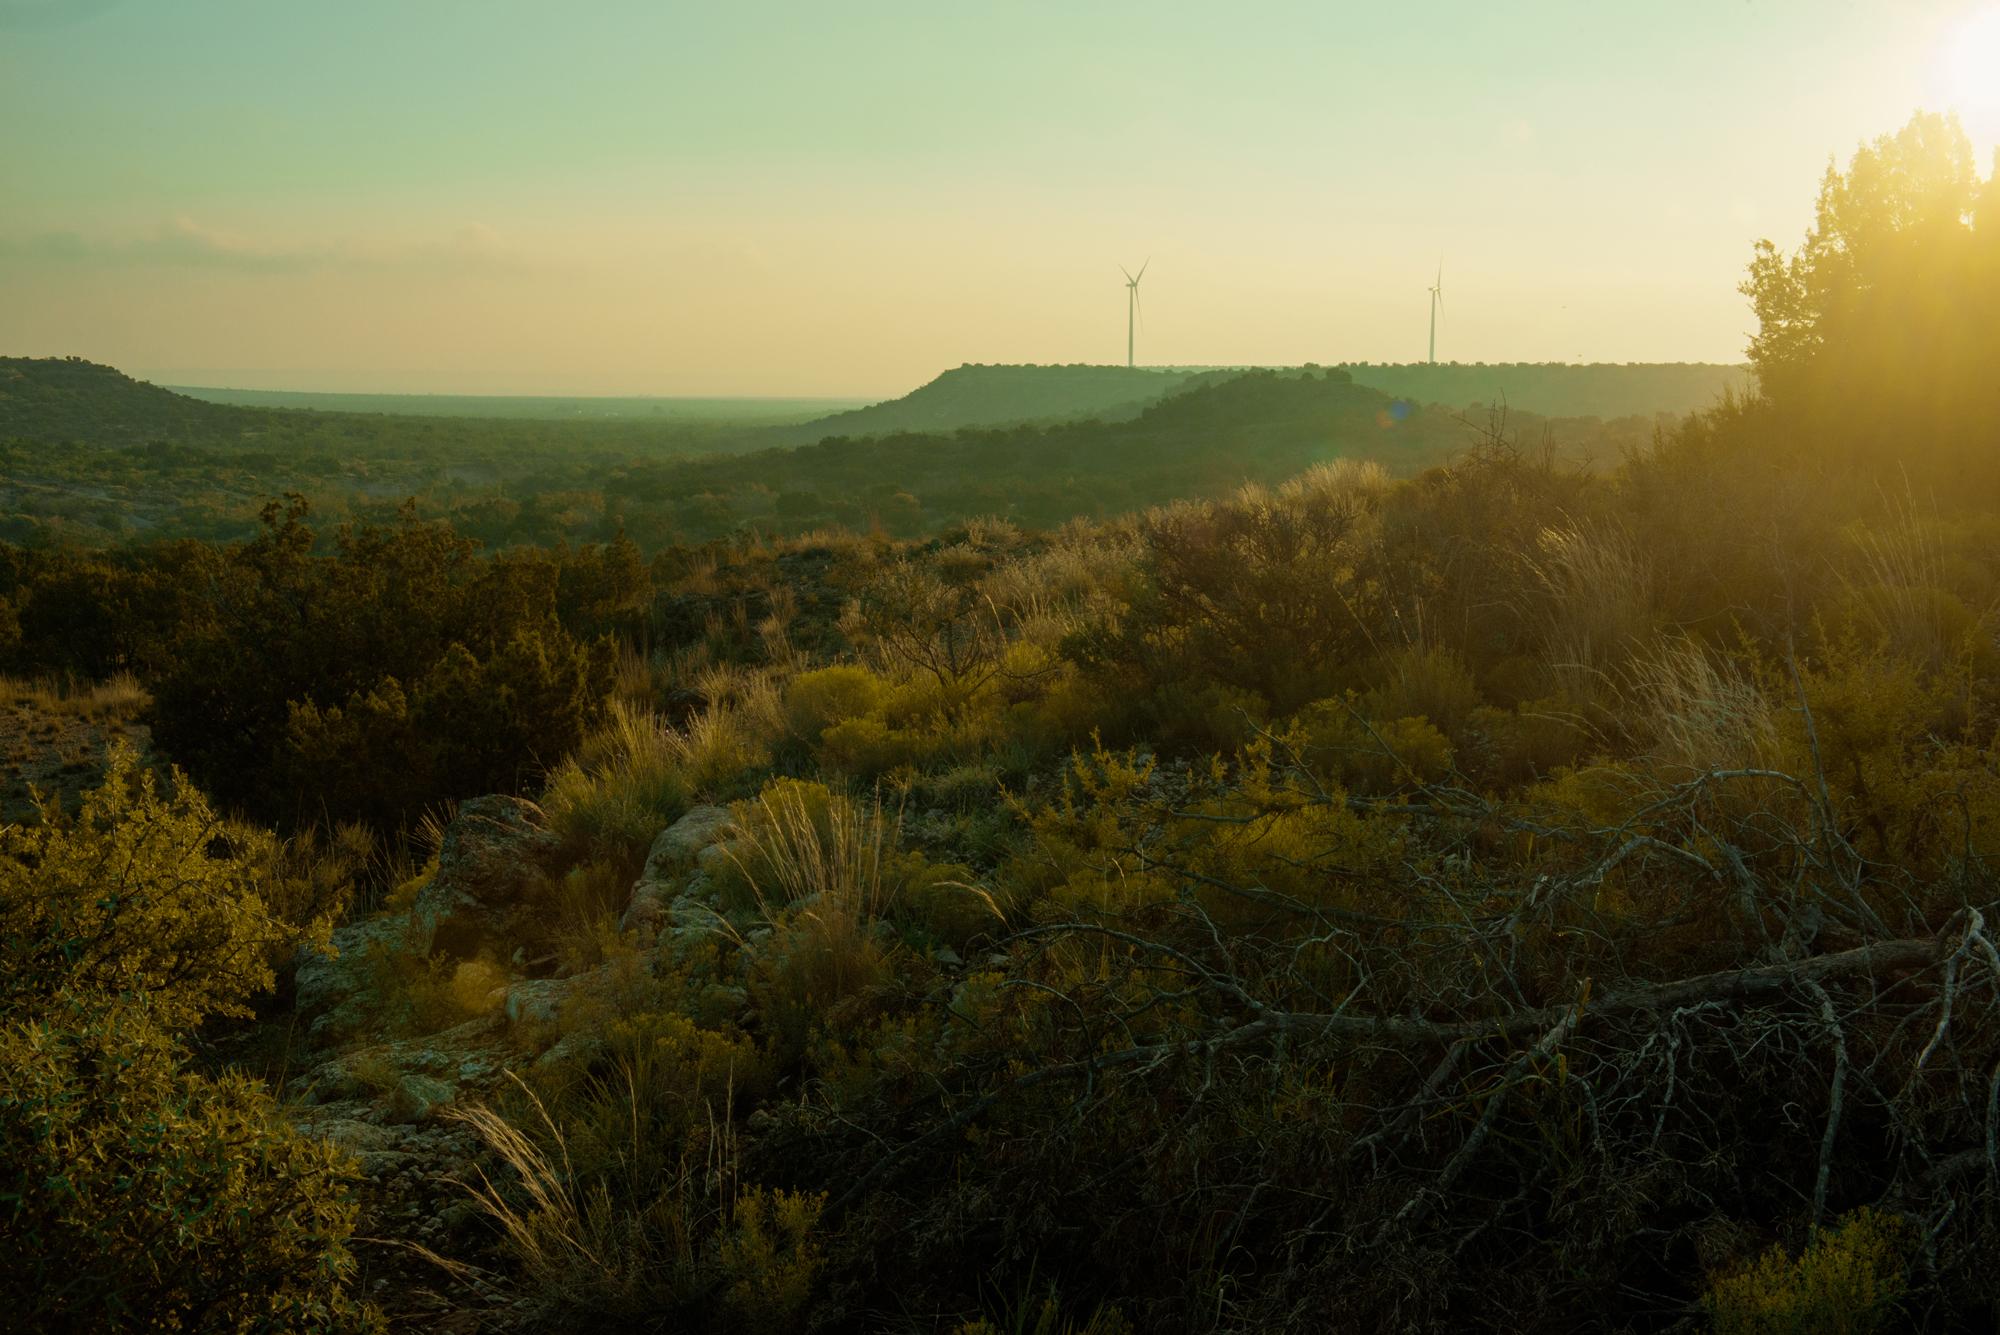 テキサスで大成功の風力発電 どこも真似できない例外事例